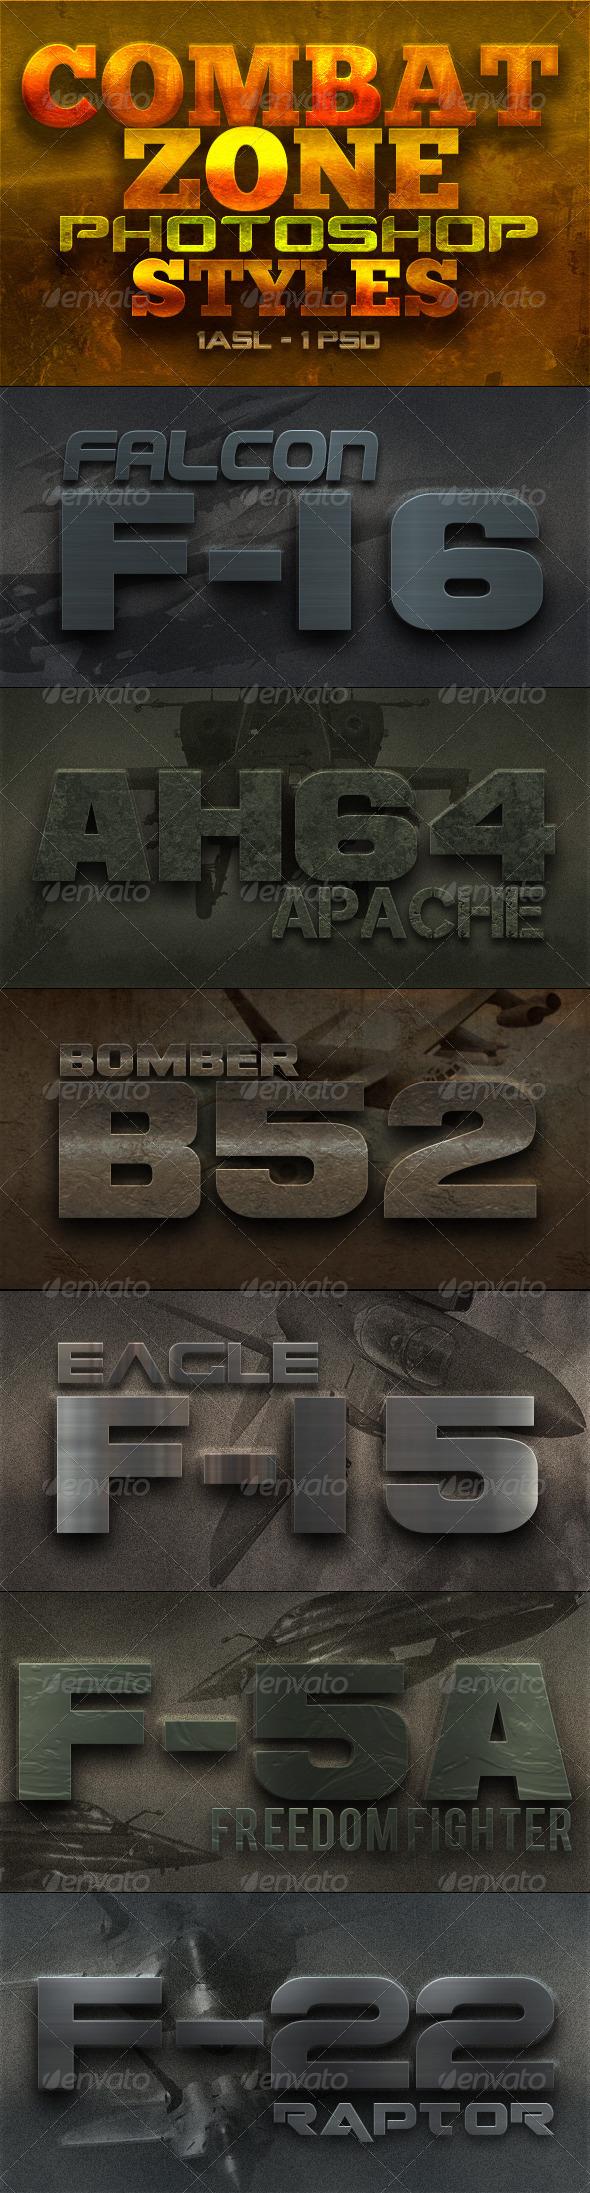 GraphicRiver Combat Zone Styles 5286998